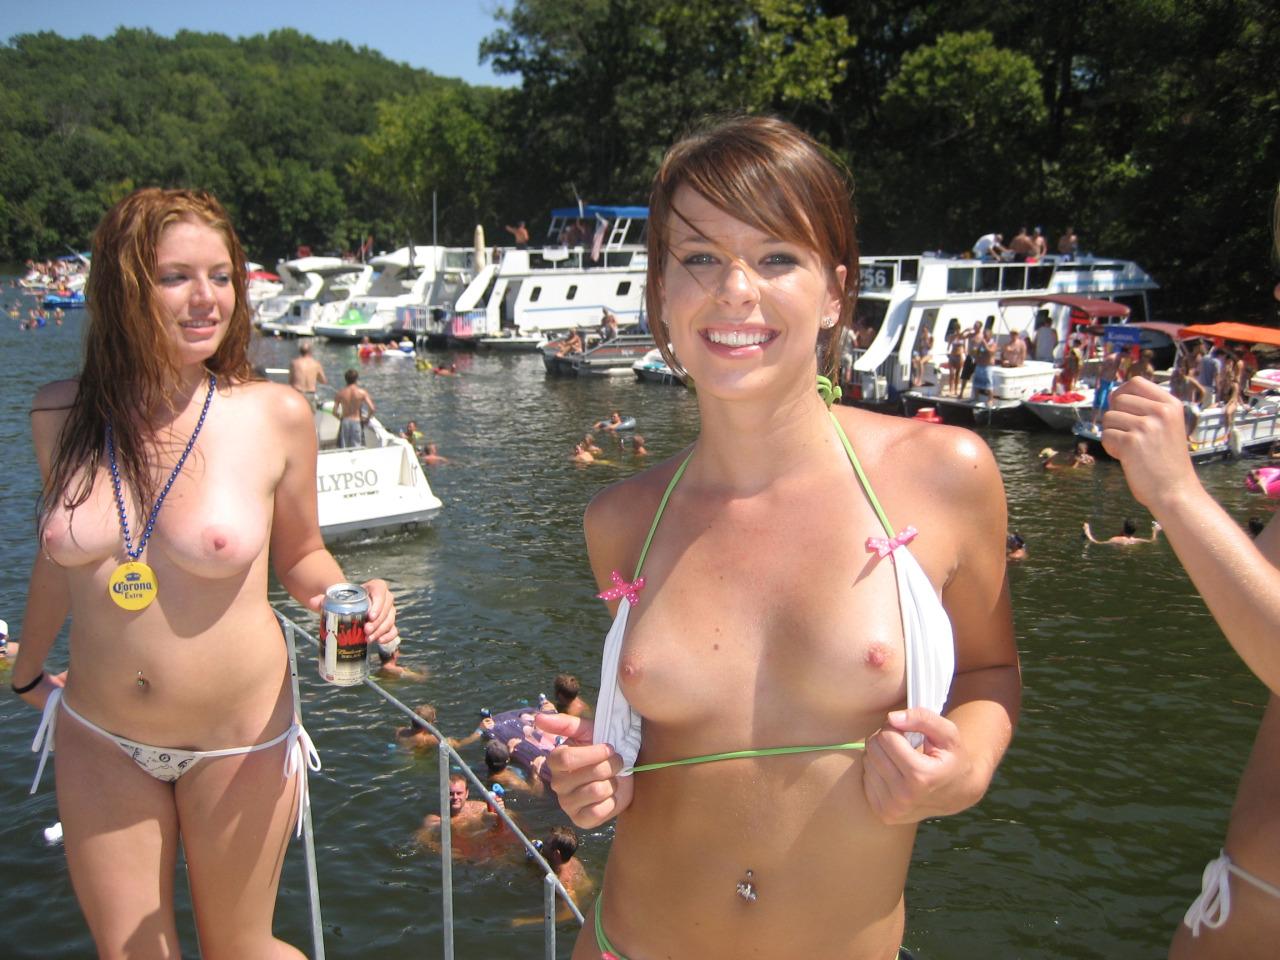 【海外エロ画像】初見なら素直に欲情していい?ビーチで裸の碧眼美女たちwww 24